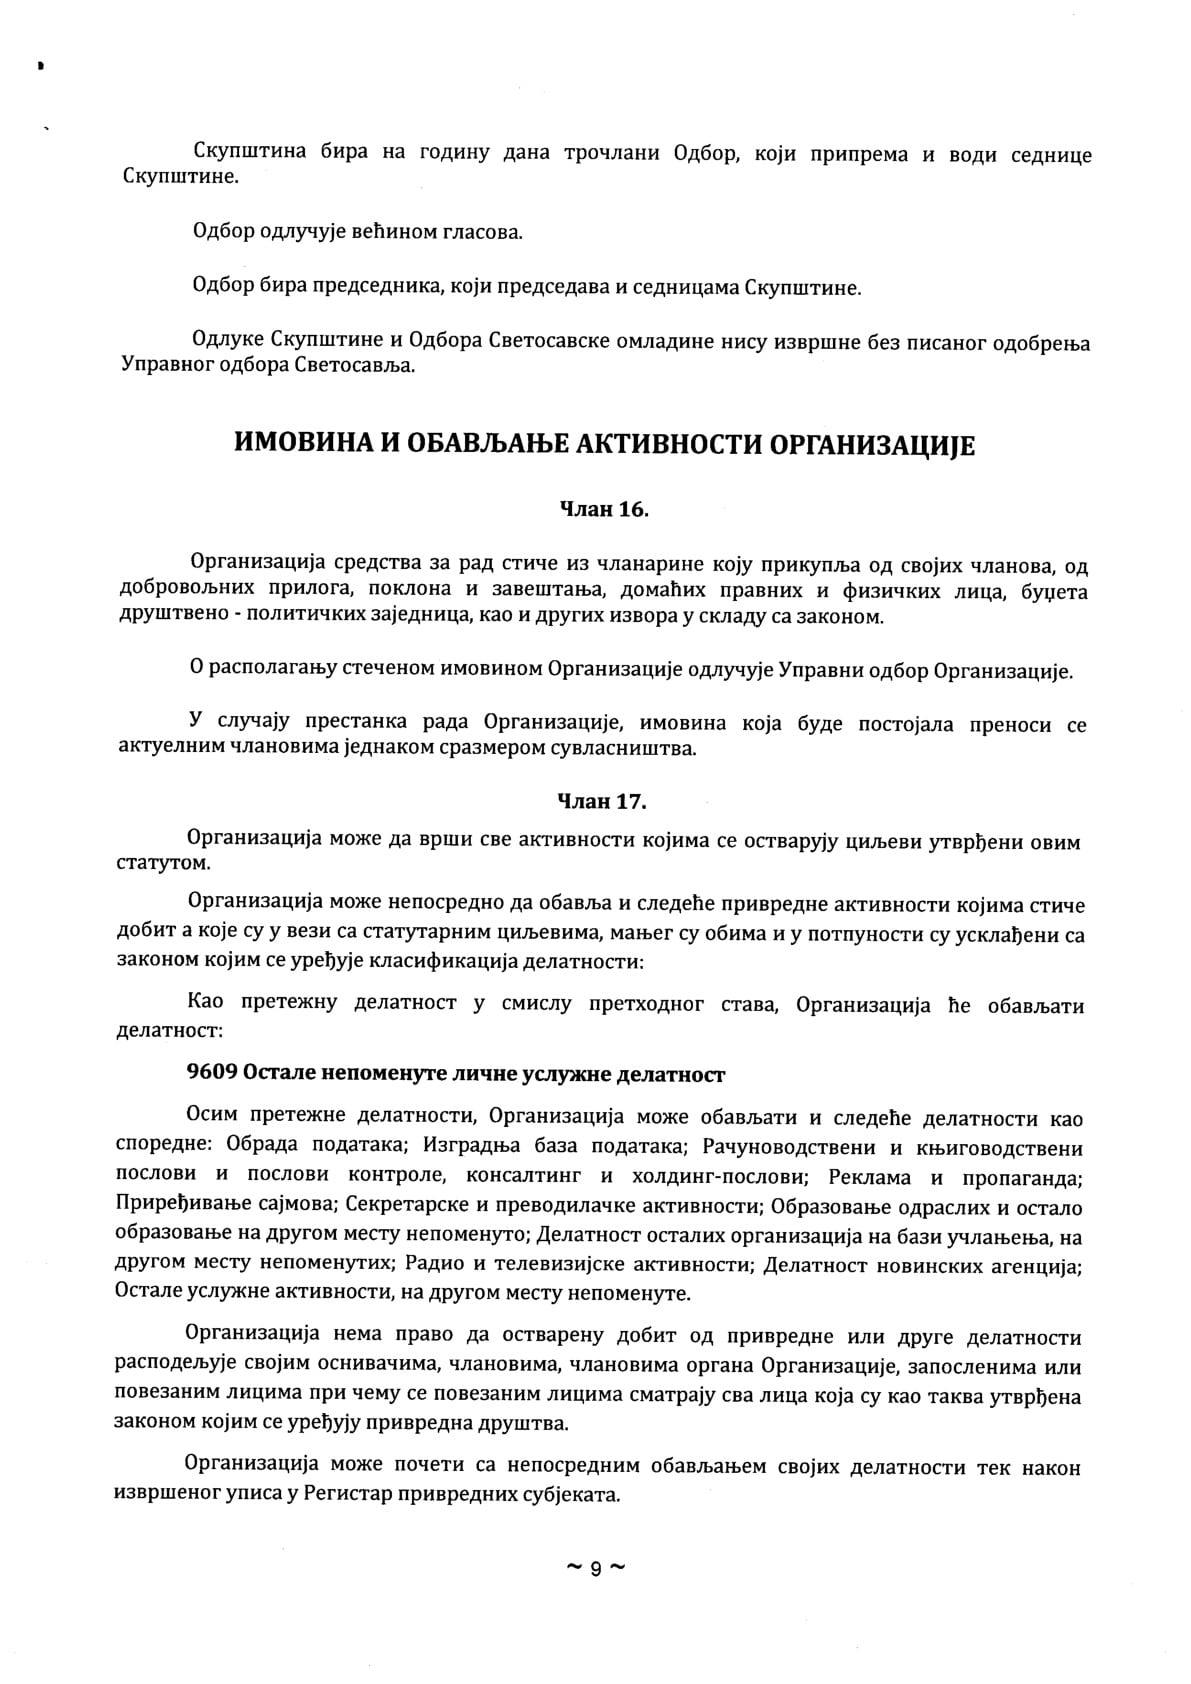 Statut Svetosavlja Januar 2018 8